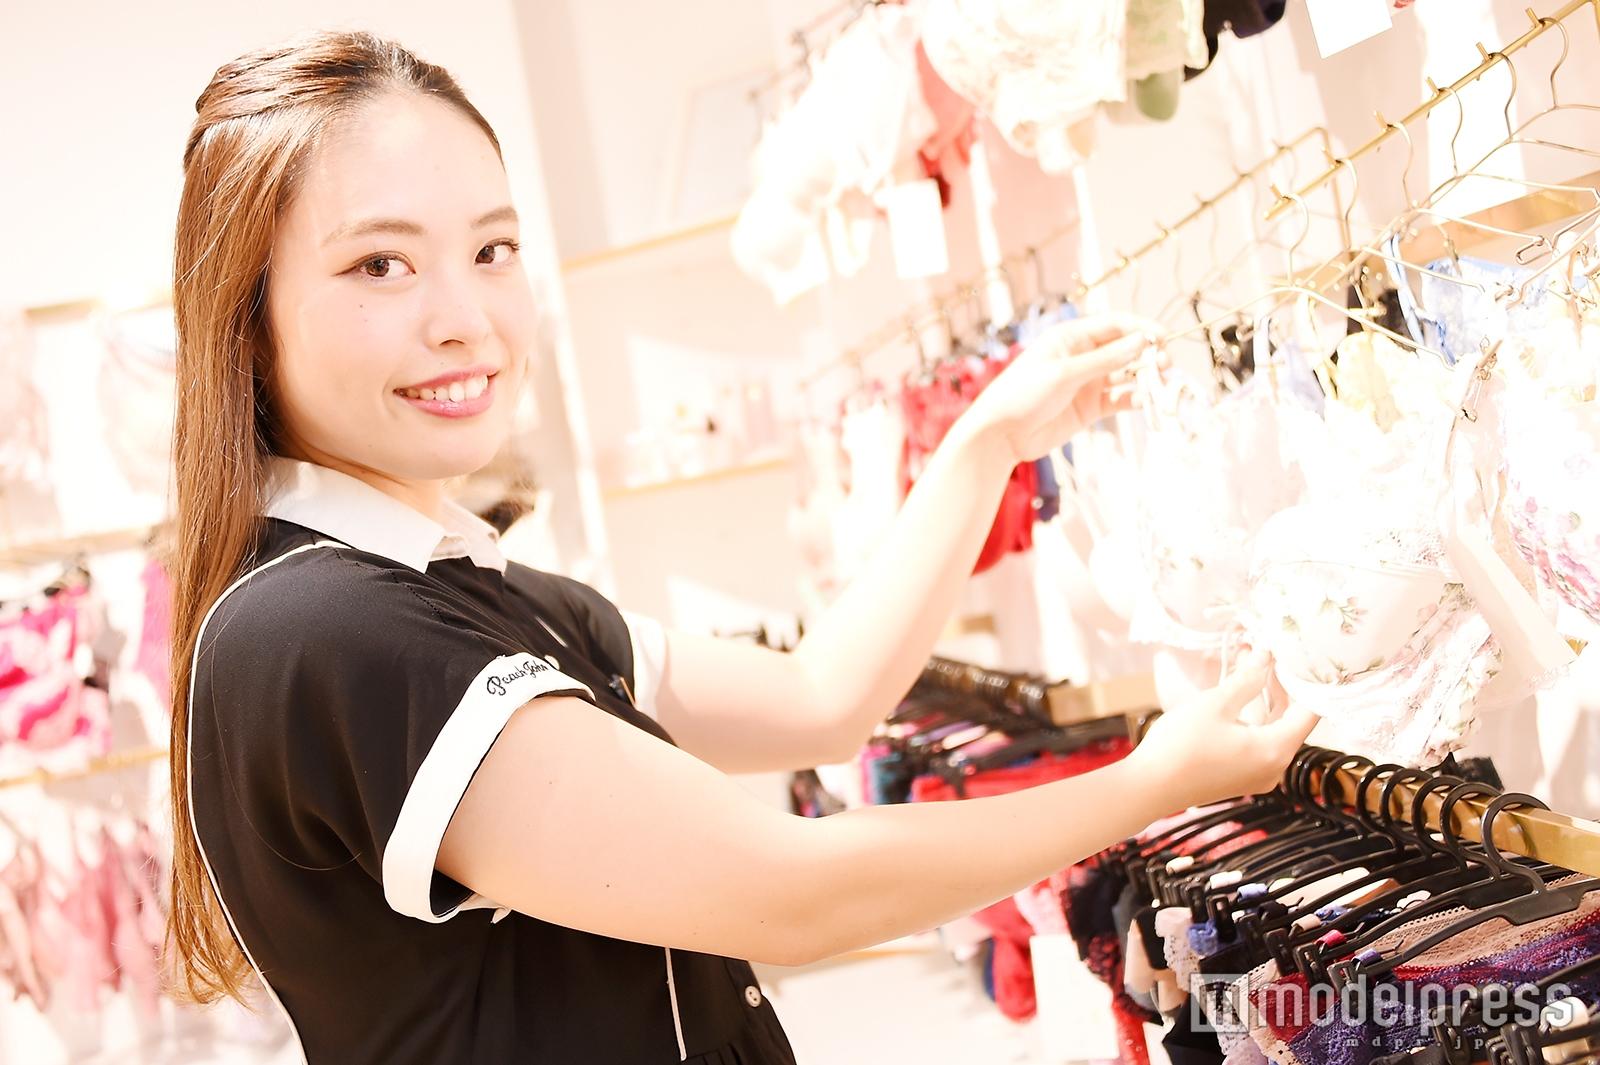 モデルプレスのインタビューに応じた川島里子さん(C)モデルプレス